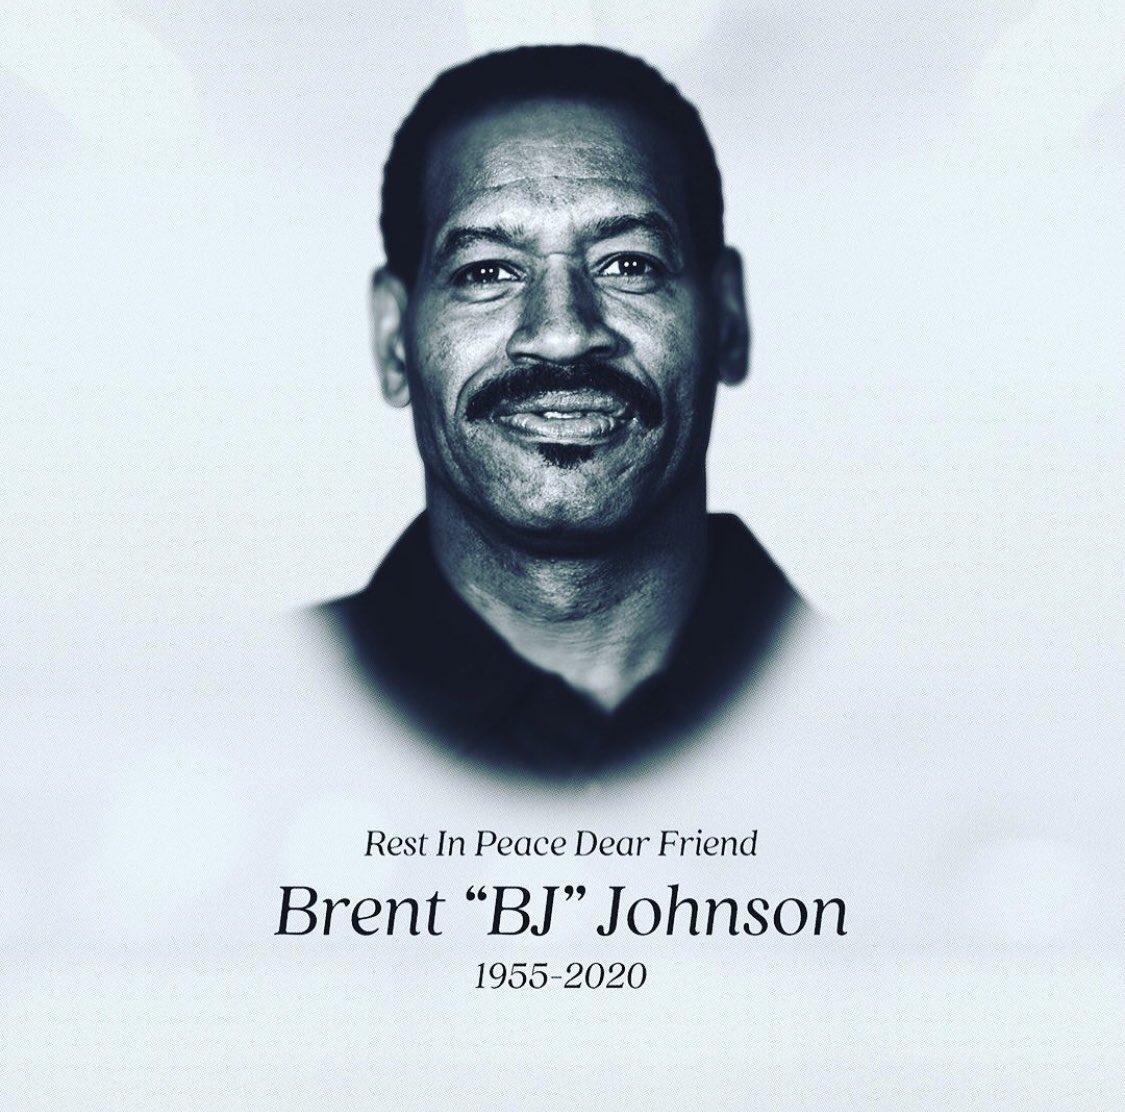 比永博悼念BJ-约翰逊:感谢您为培养非洲孩子付出的精力